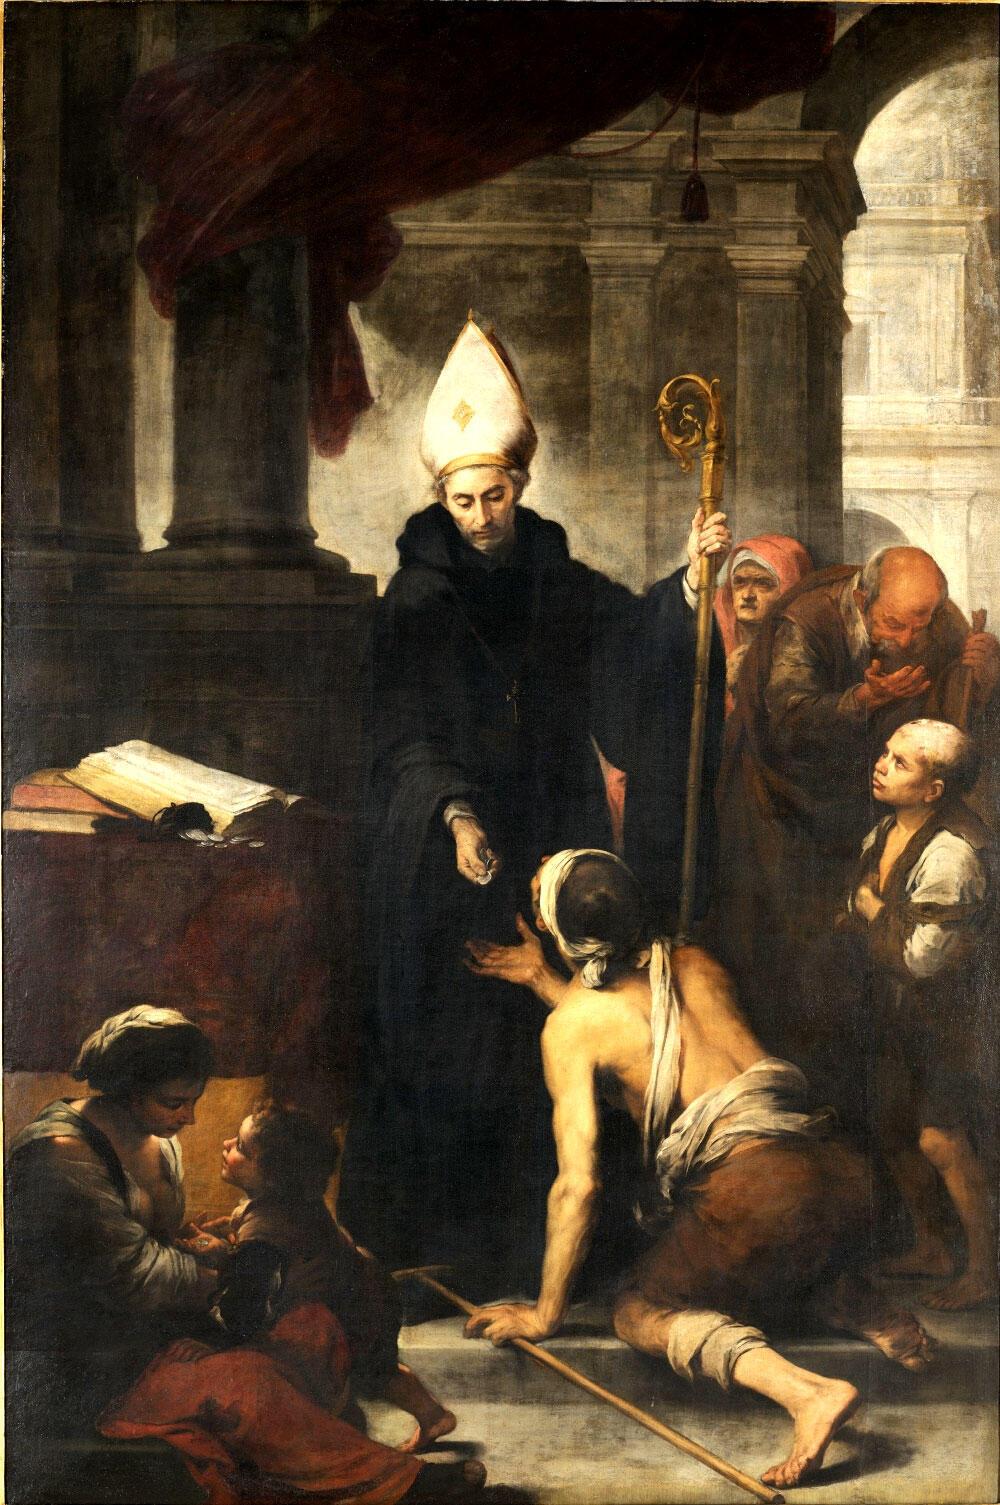 """""""Santo Tomás de Villanueva dando limosna a los pobres"""", de Bartolomé Esteban Murillo, 1668."""